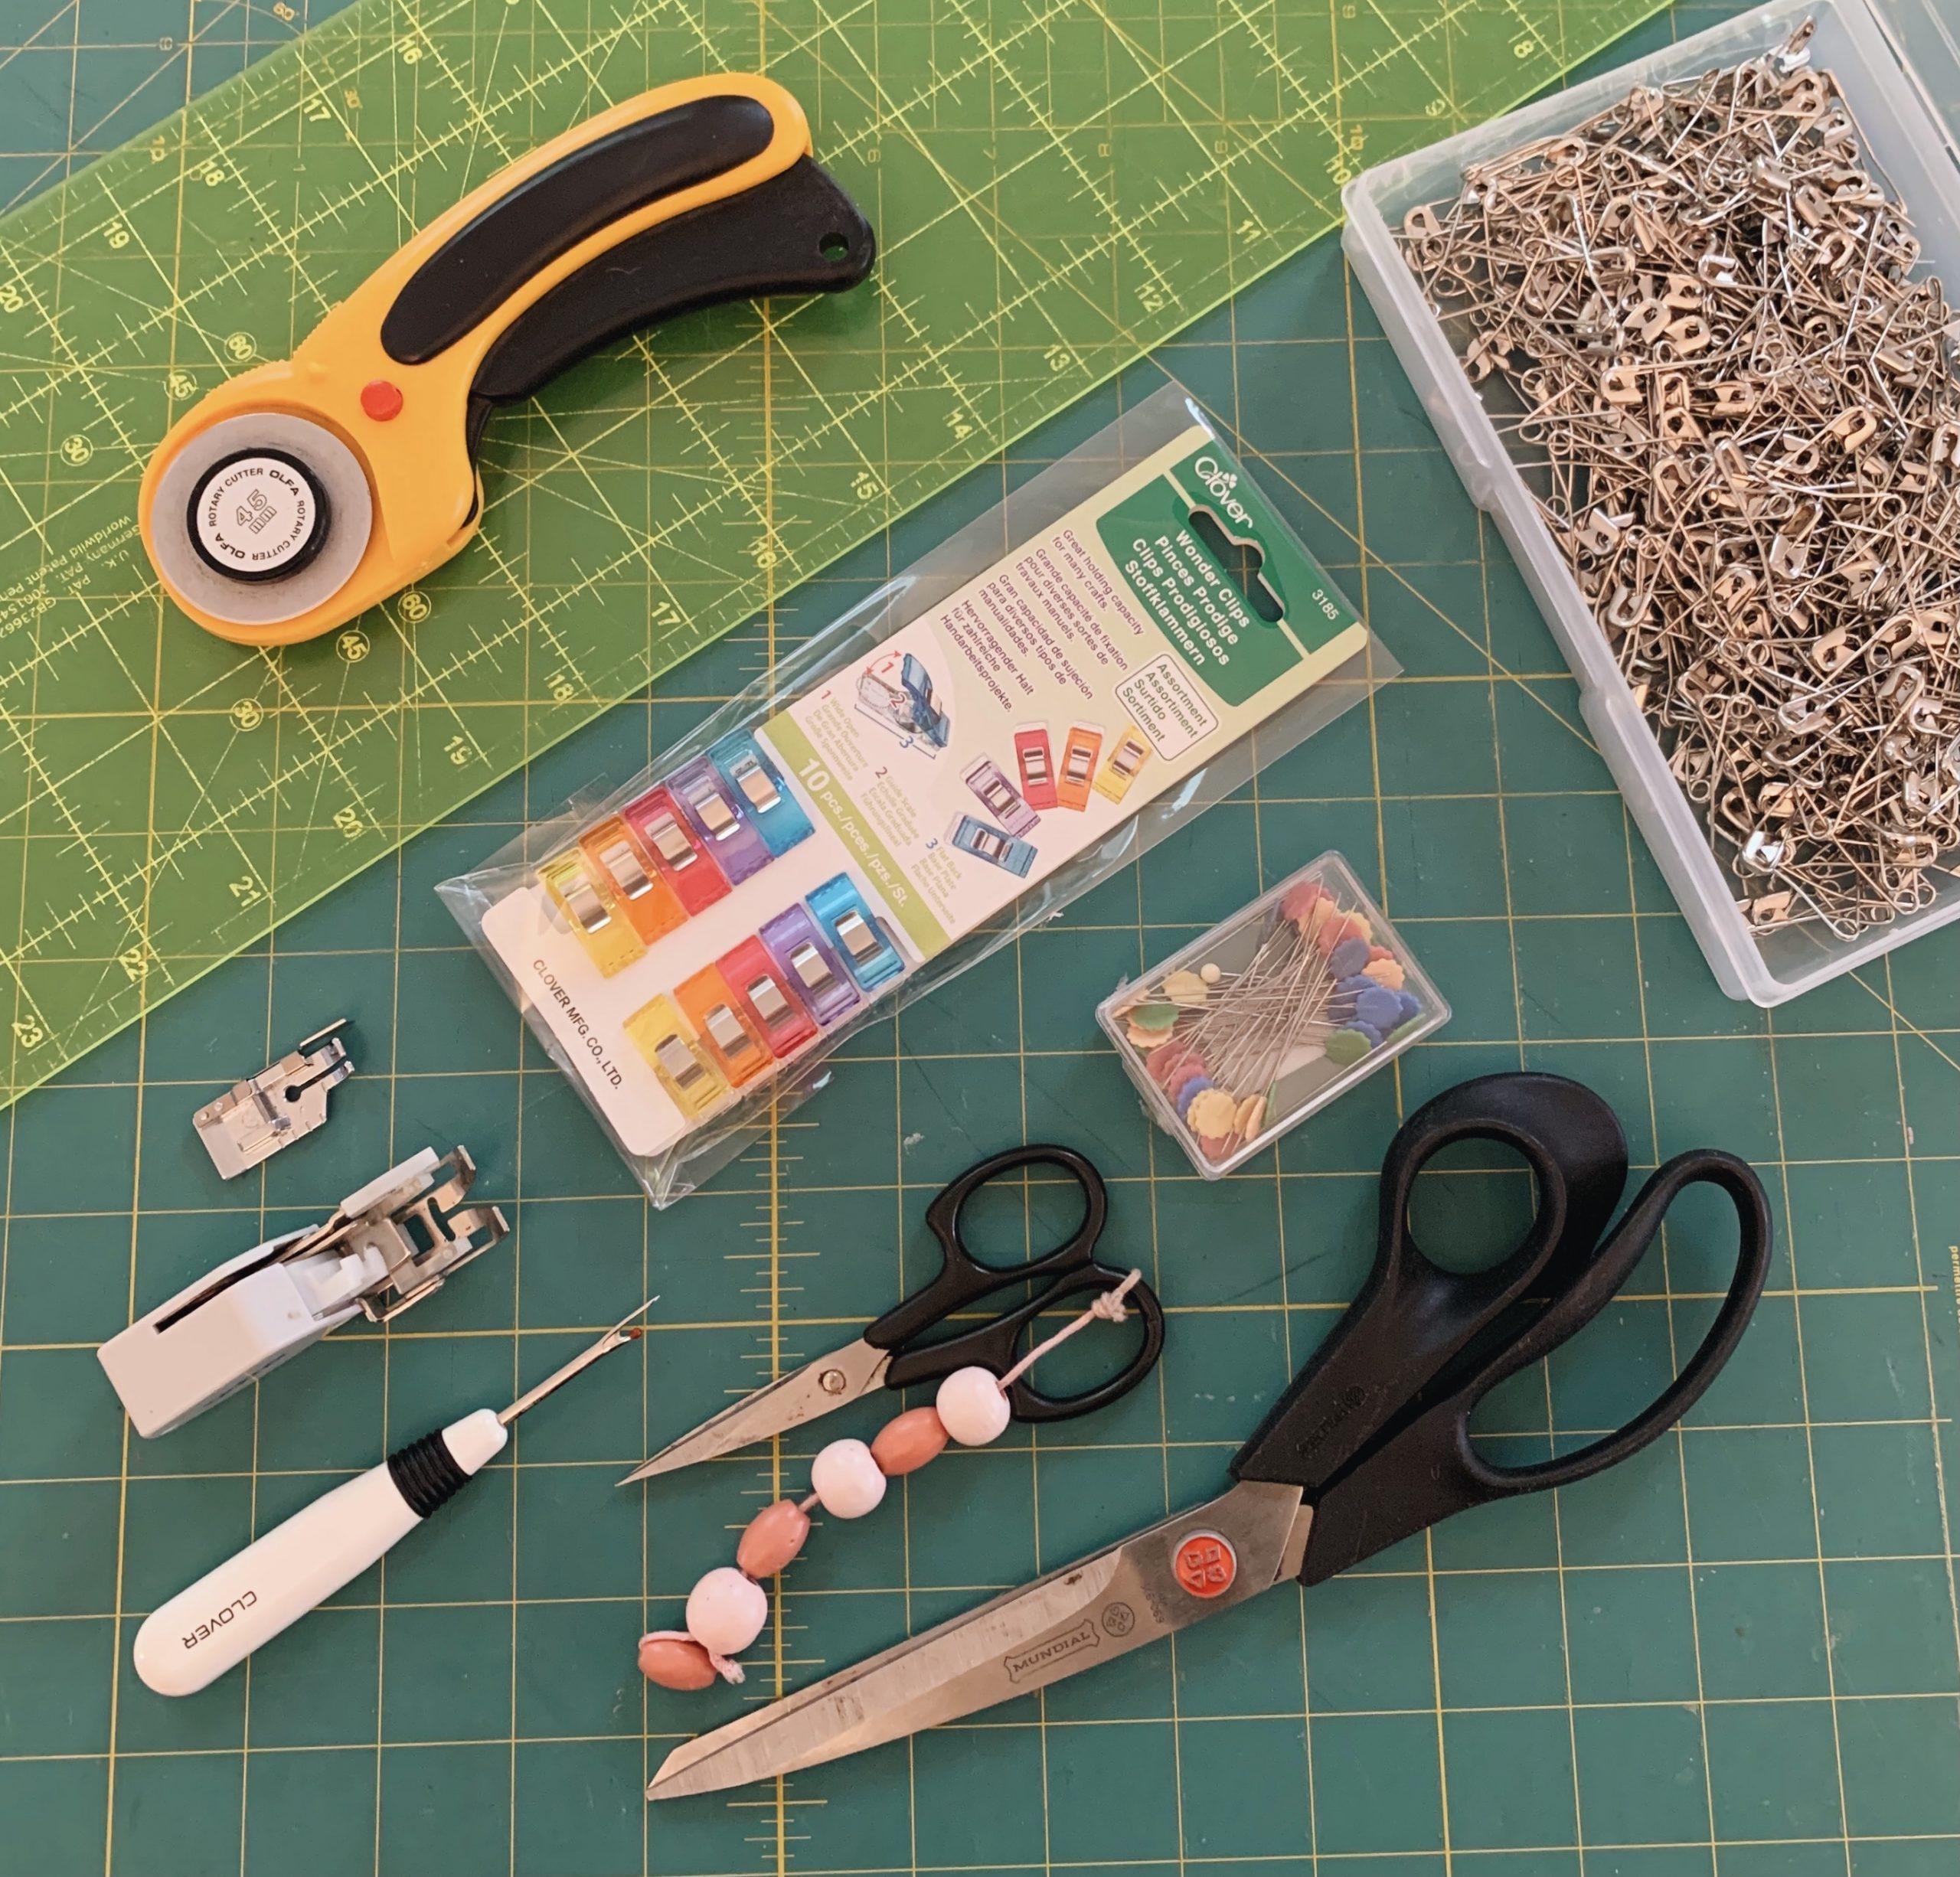 SL Quilting Tools